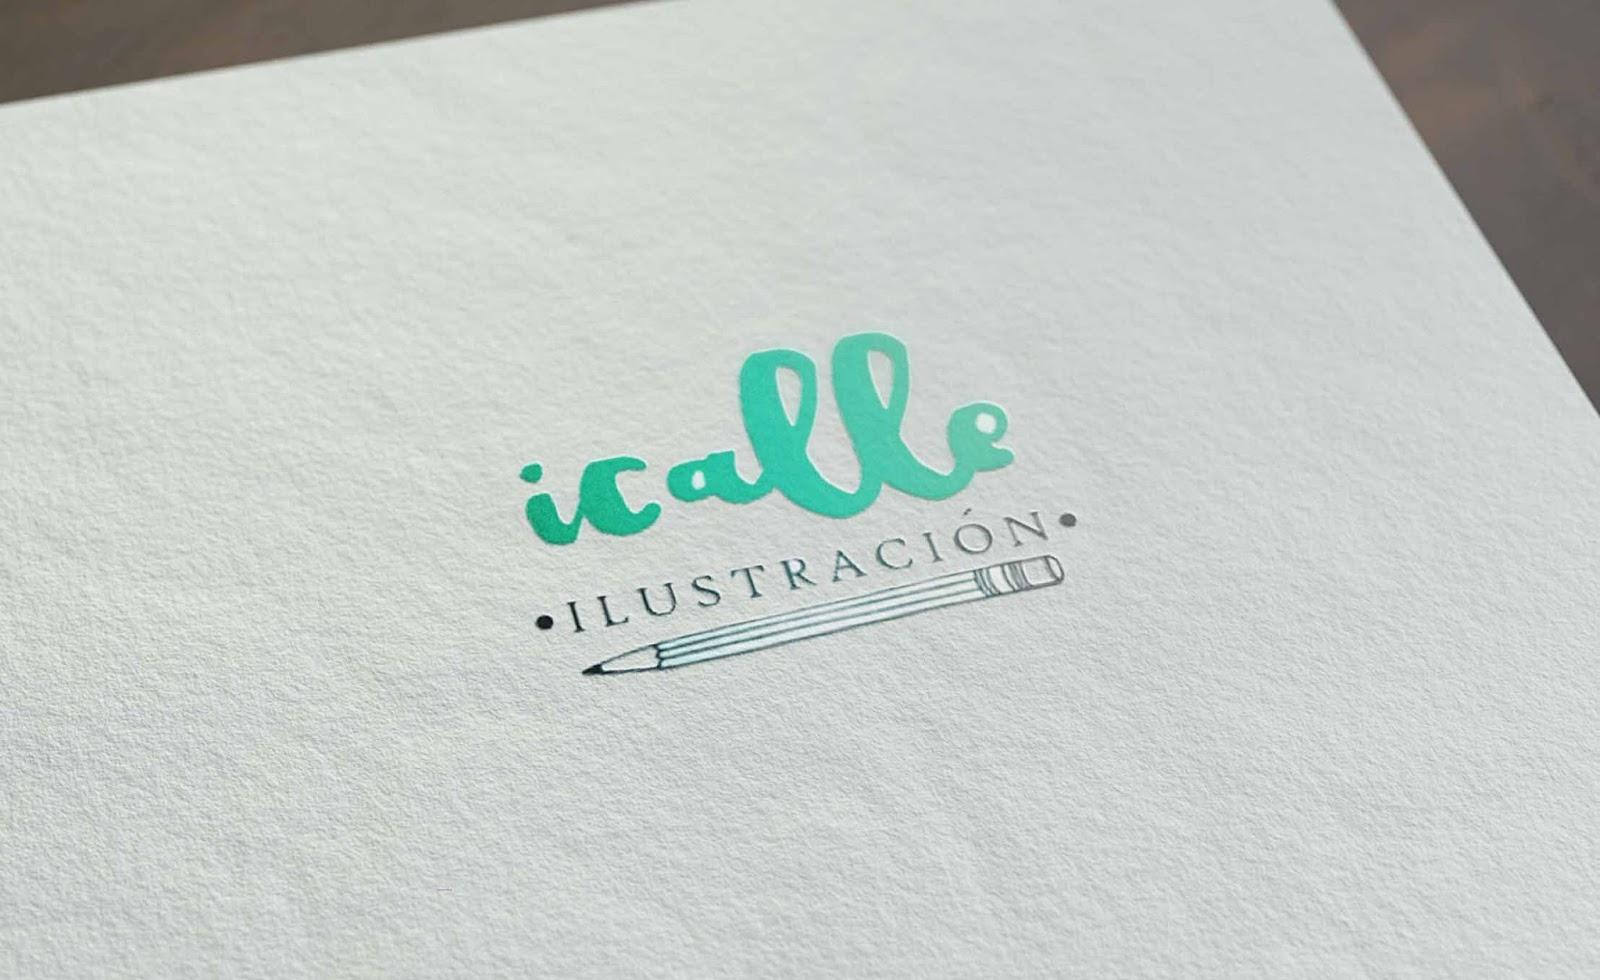 Logo Icalle Ilustración